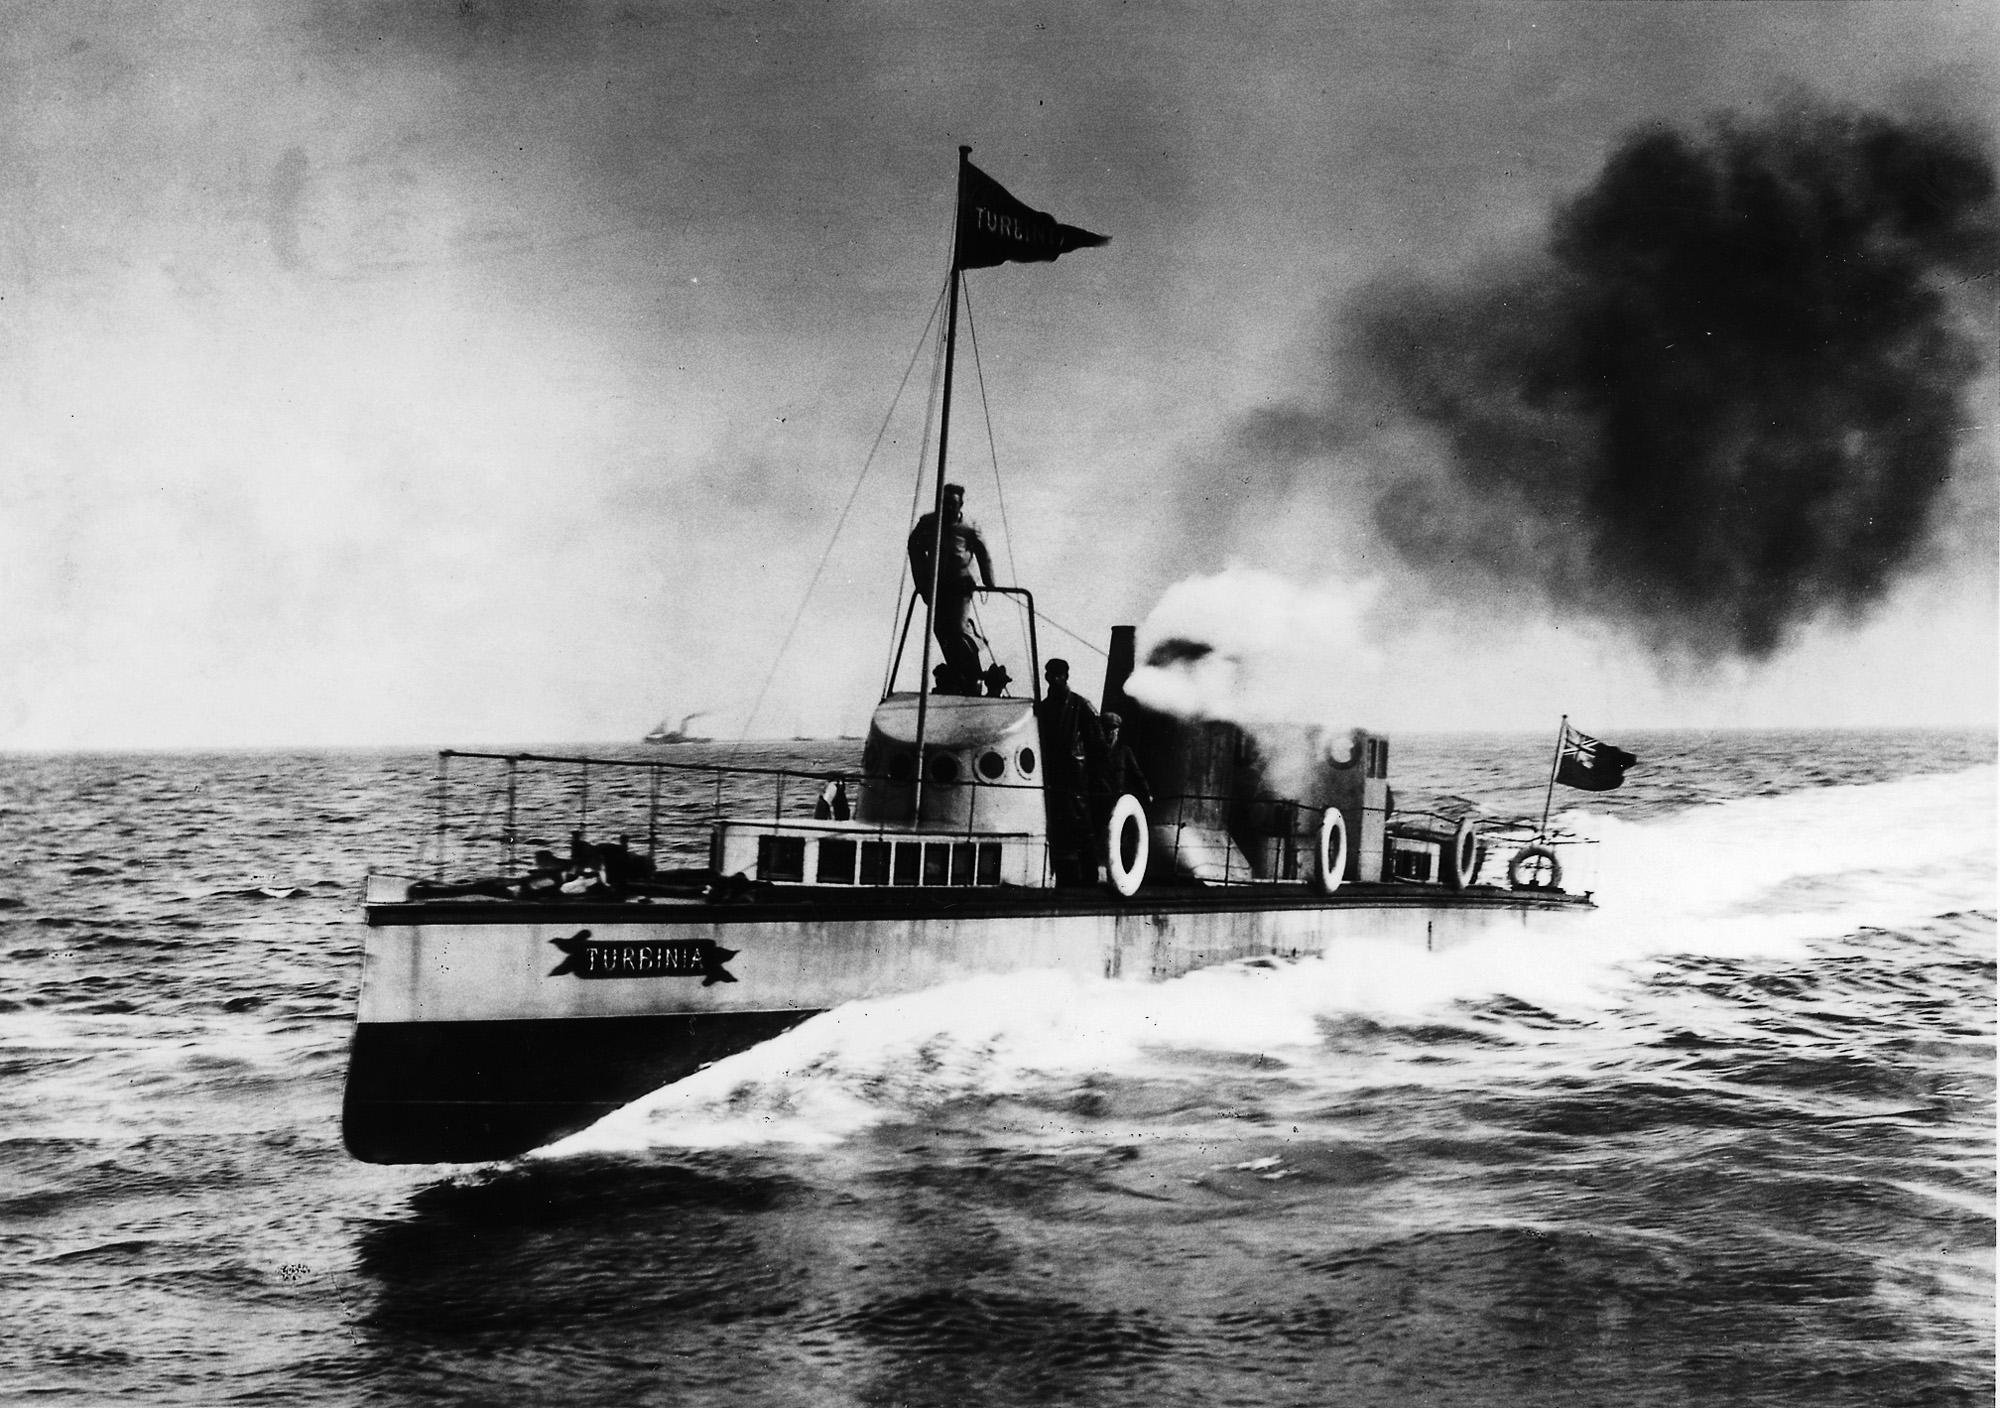 הטורביניה בהפלגה - הפודקאסט עושים היסטוריה